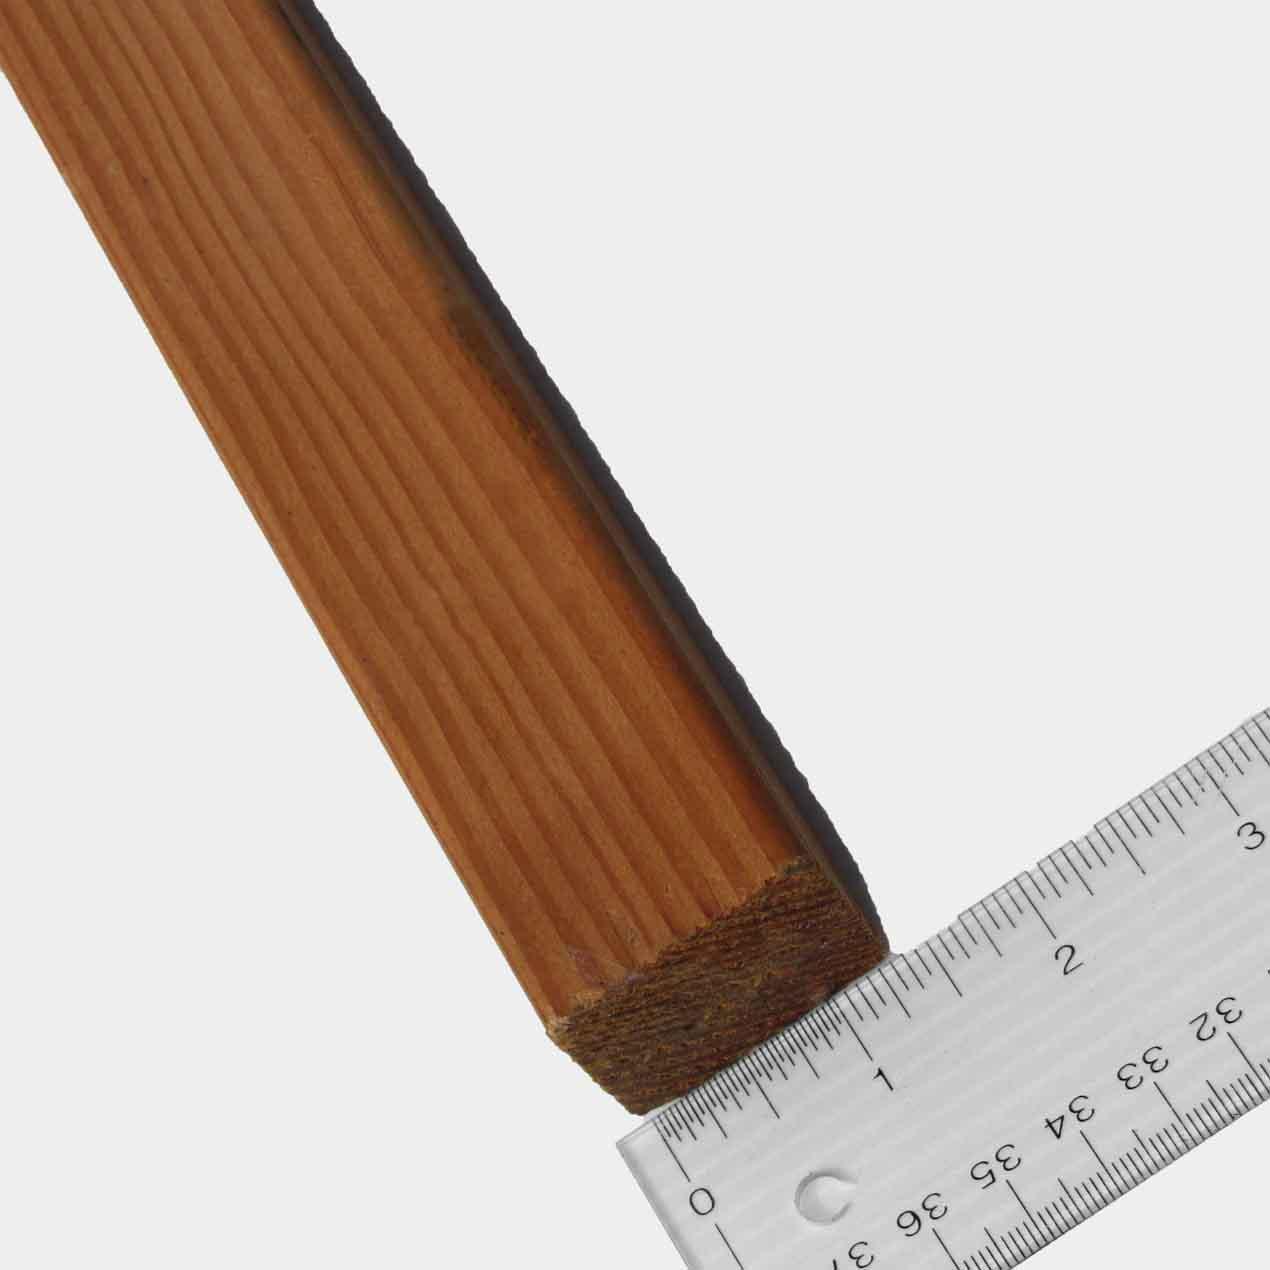 2x2 Doug Fir Clear S4s Capitol City Lumber